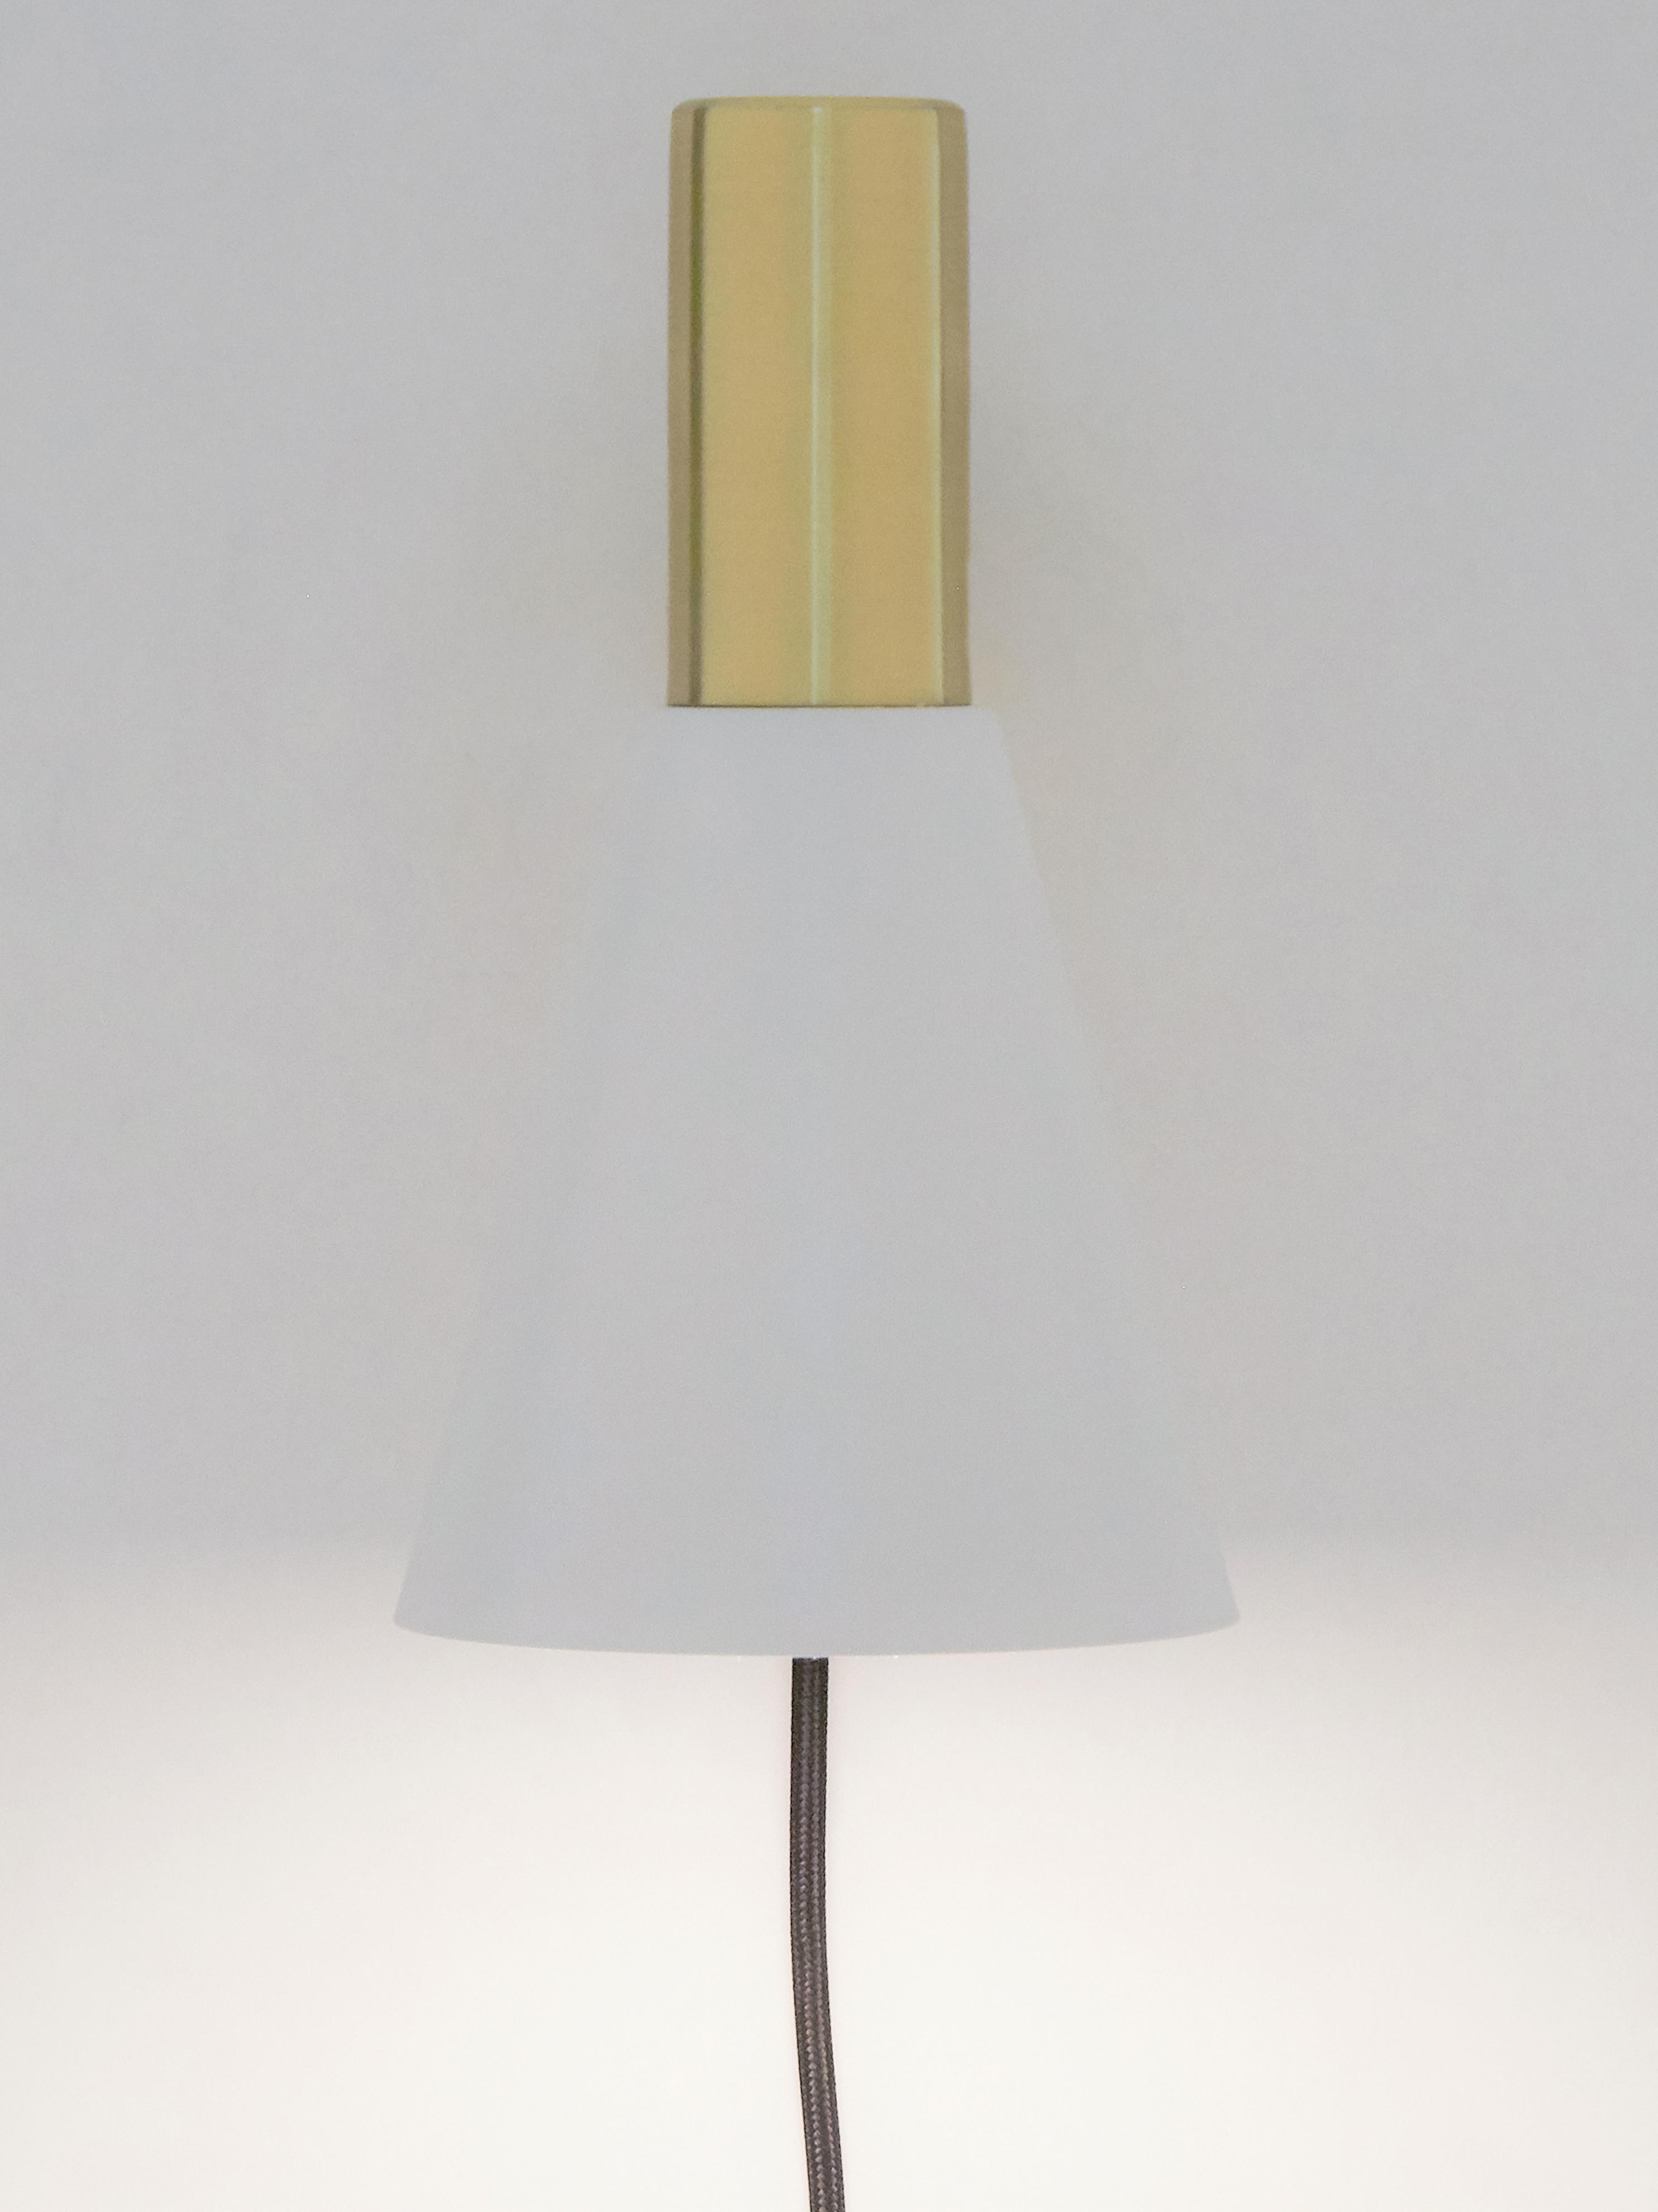 Applique blanche avec prise secteur Sia, Blanc, couleur laitonnée